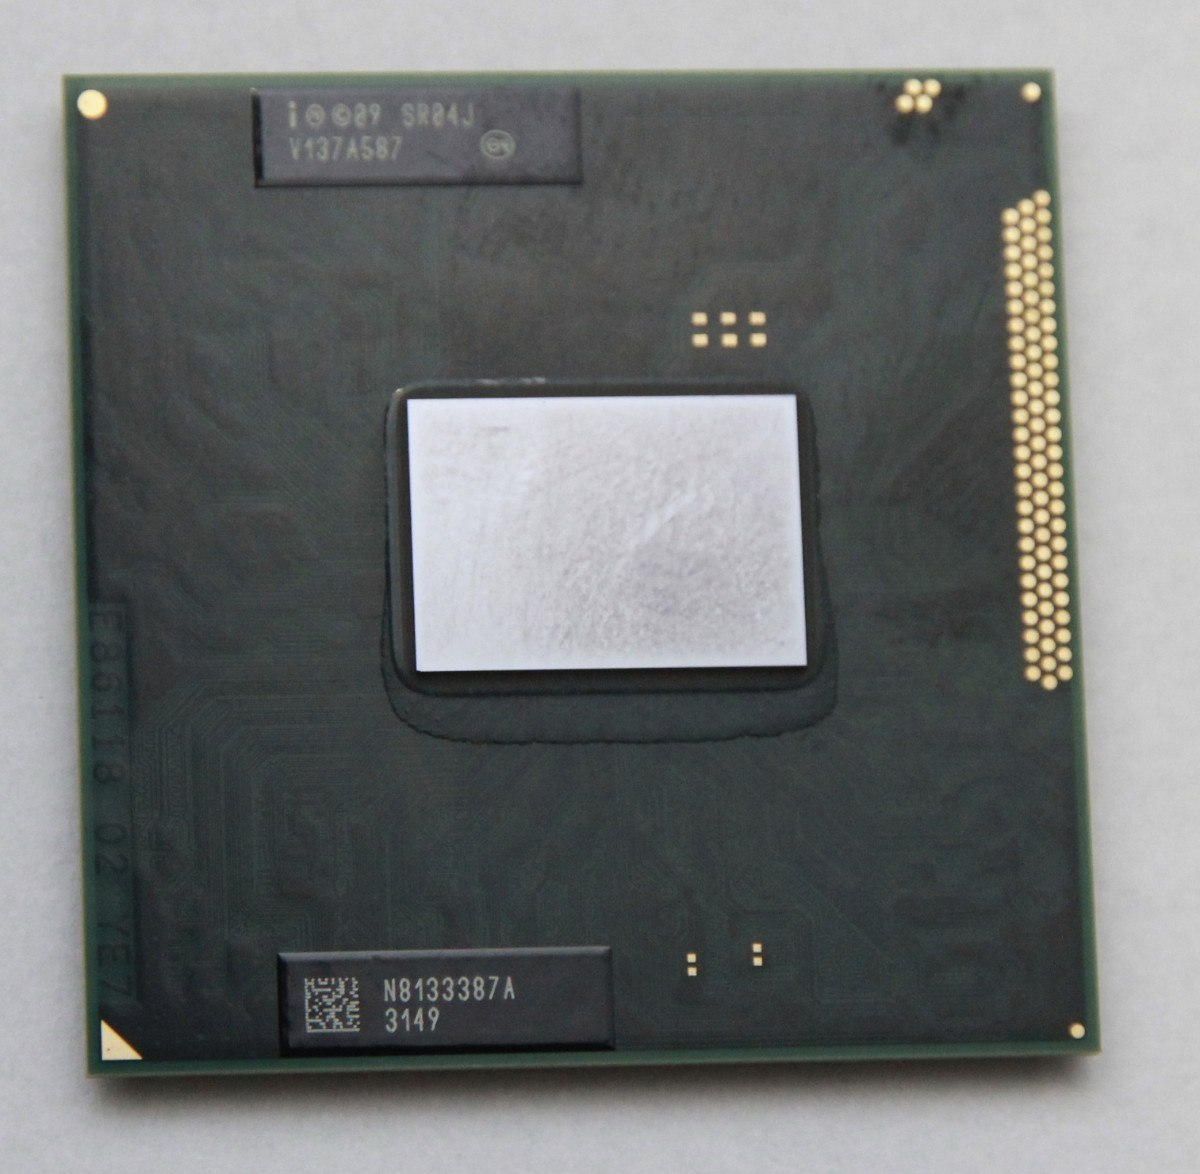 Intel Processador I3 2330m 2.20ghz Sr04j 3mb Cache L3